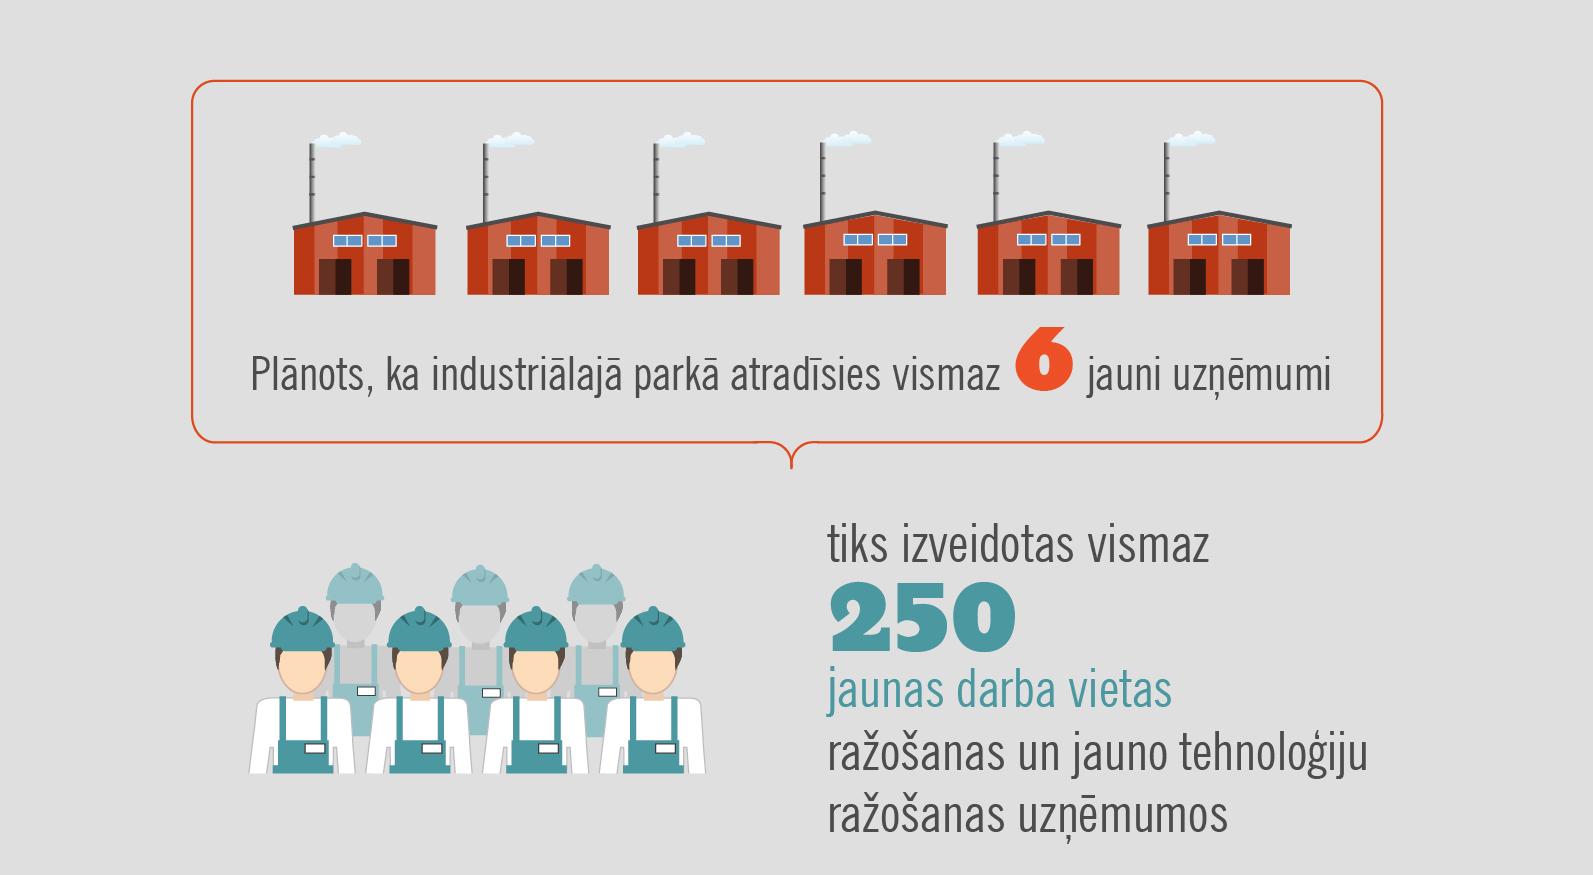 Industriālais parks Valmierā iecere